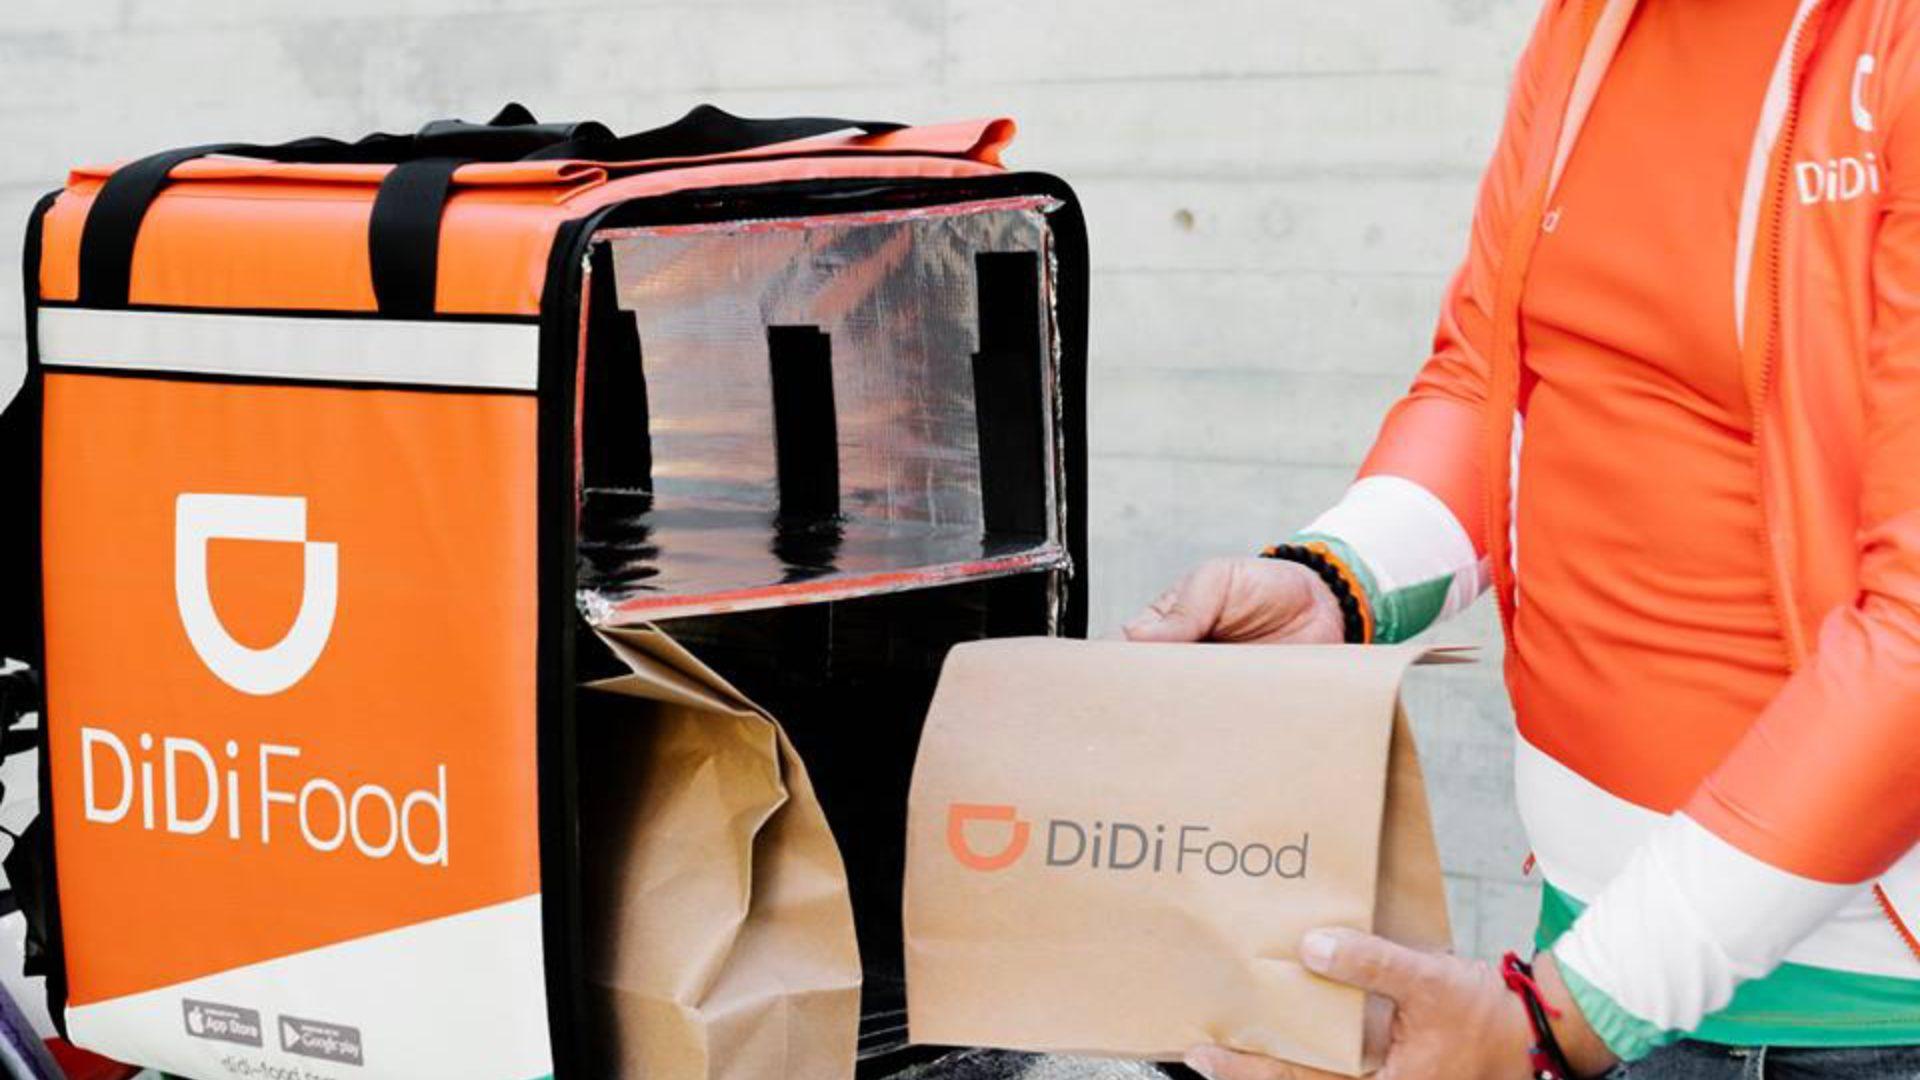 Didi Food descuento por el hot sale